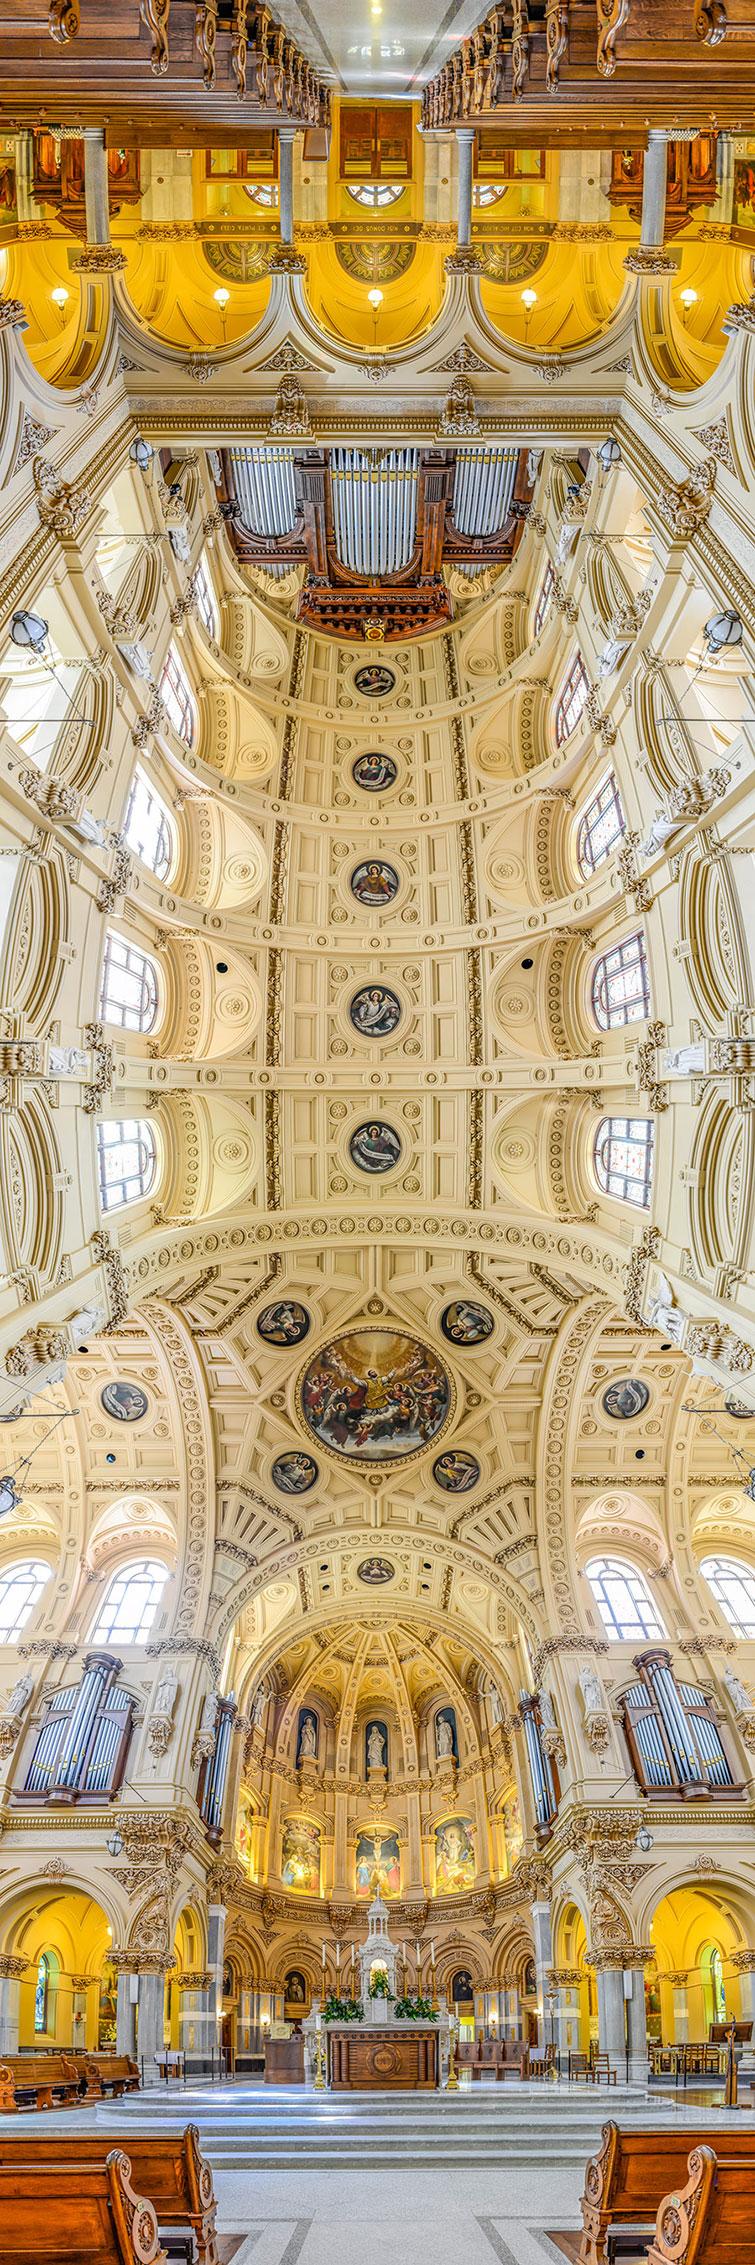 Beauty Church Altar Ceiling.jpg